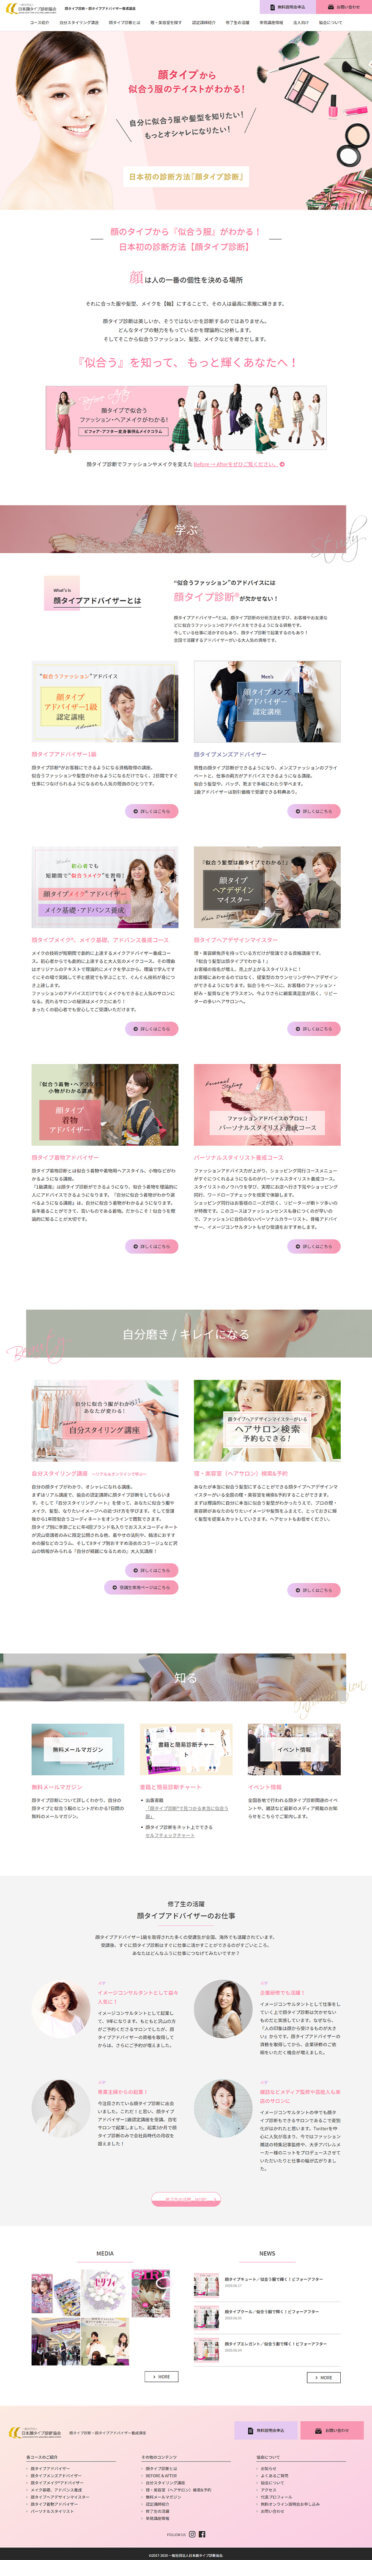 日本顔タイプ診断協会様HP